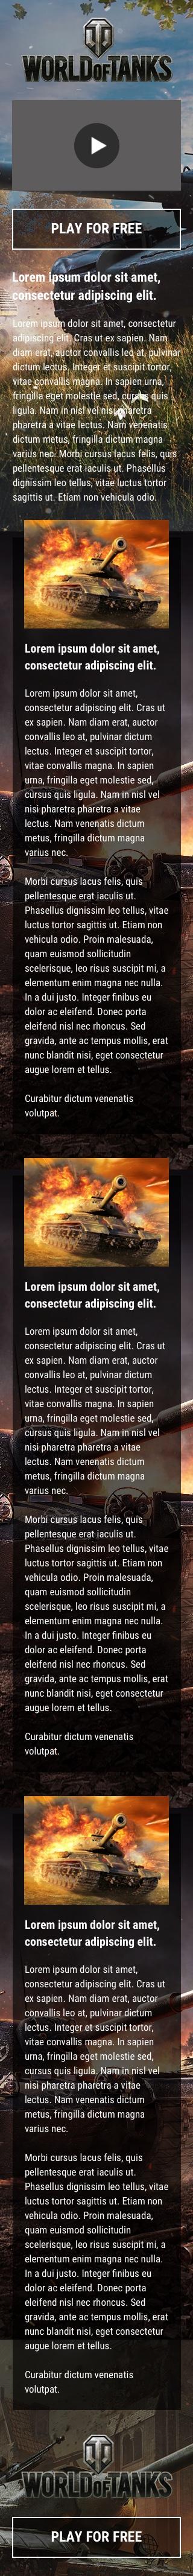 Advertising Landing Page Mobile